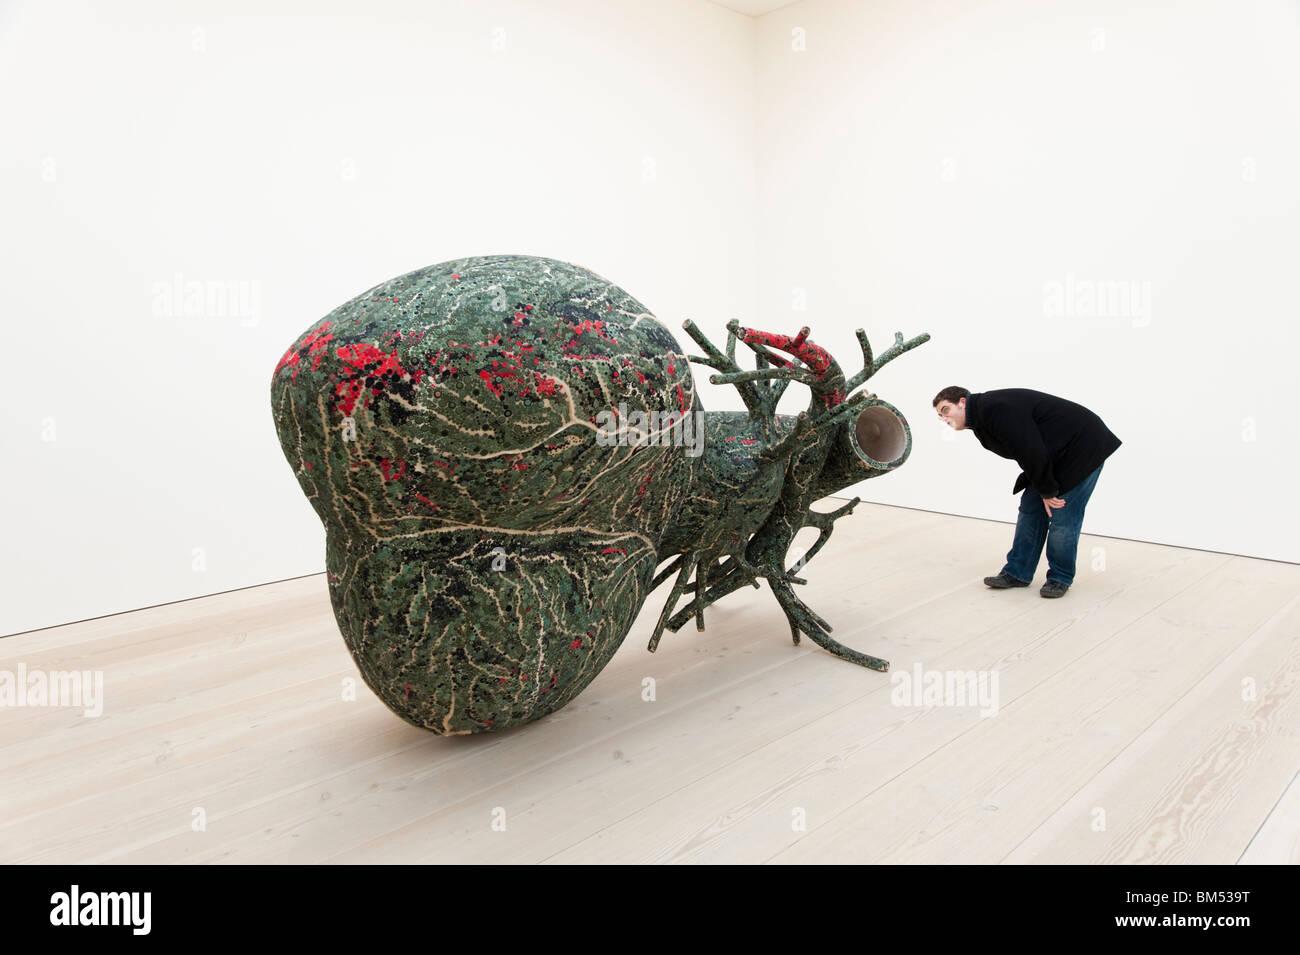 L'arte contemporanea presso la Saatchi Gallery di Londra, Inghilterra, Regno Unito Immagini Stock